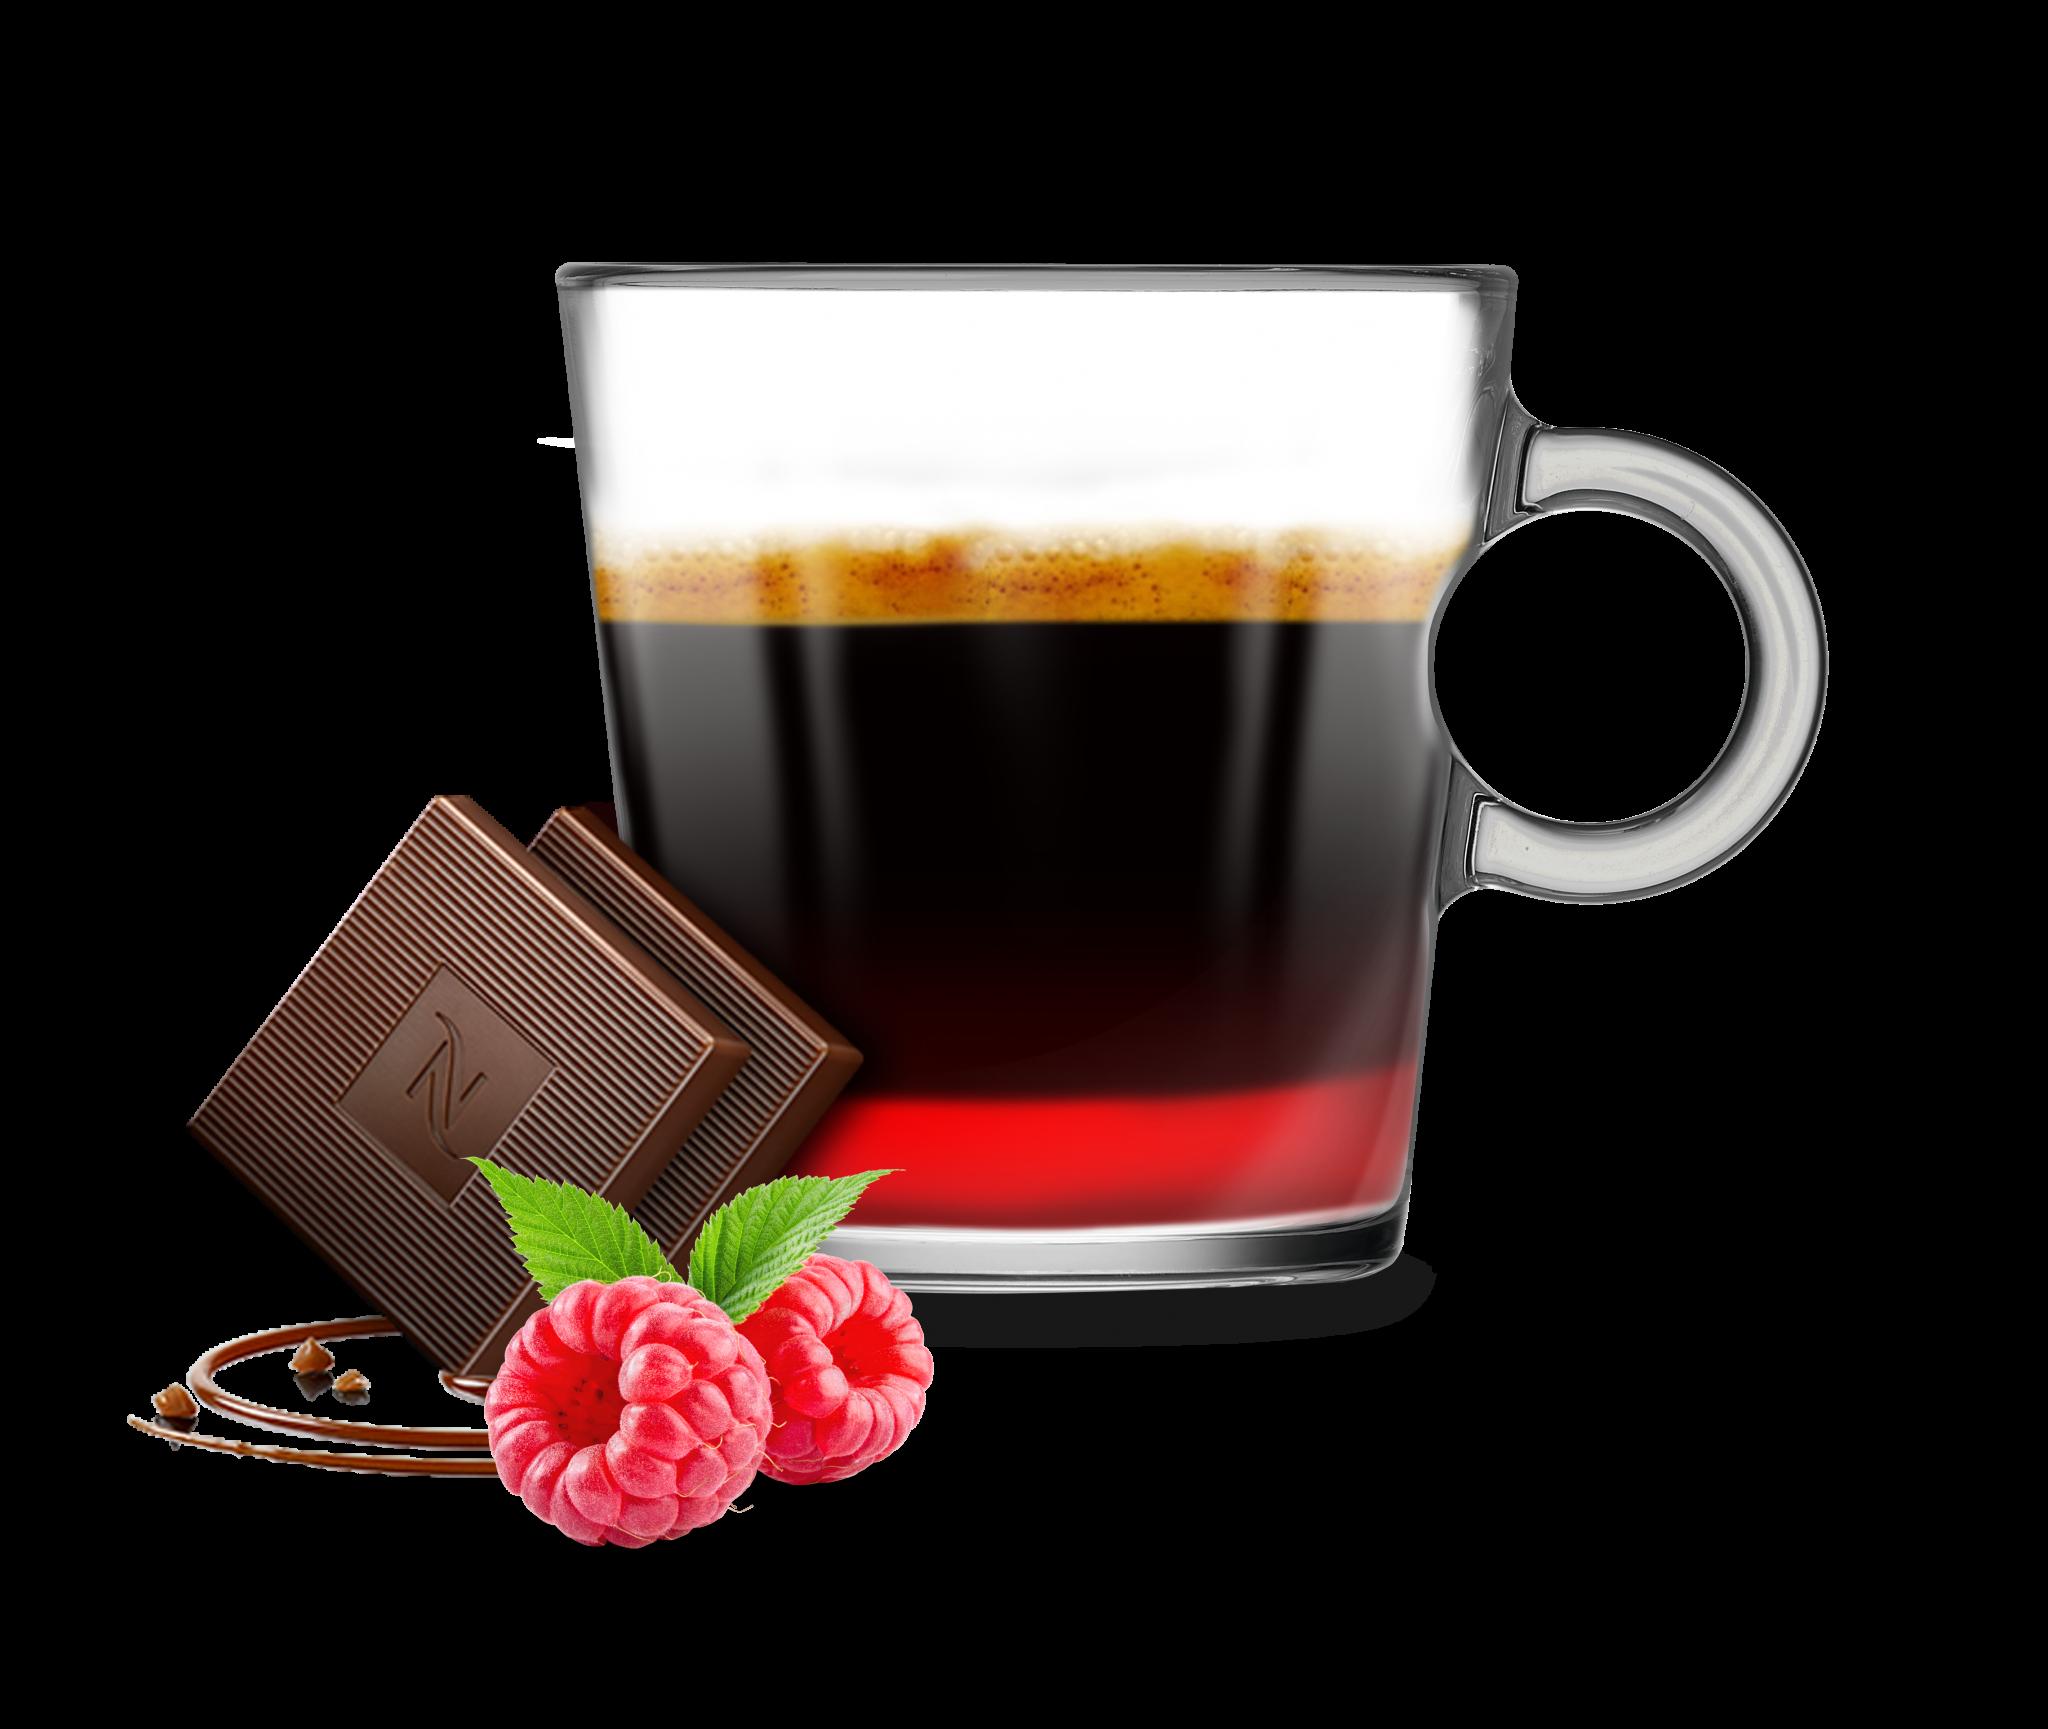 idealna poranna kawa w prracy